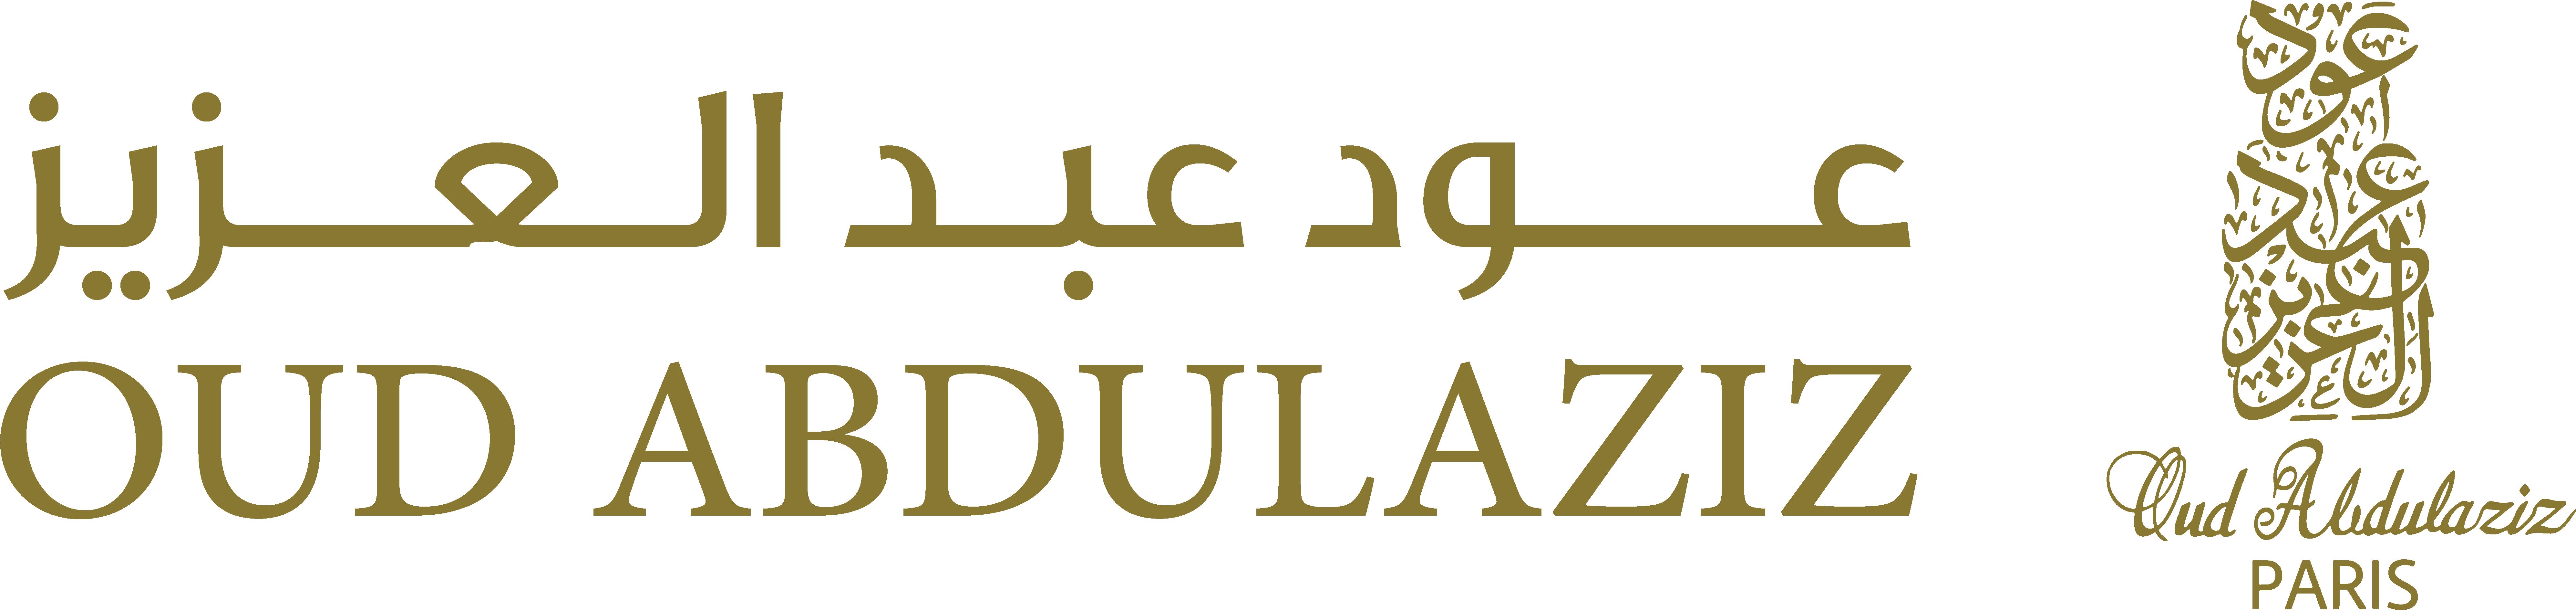 عود عبدالعزيز